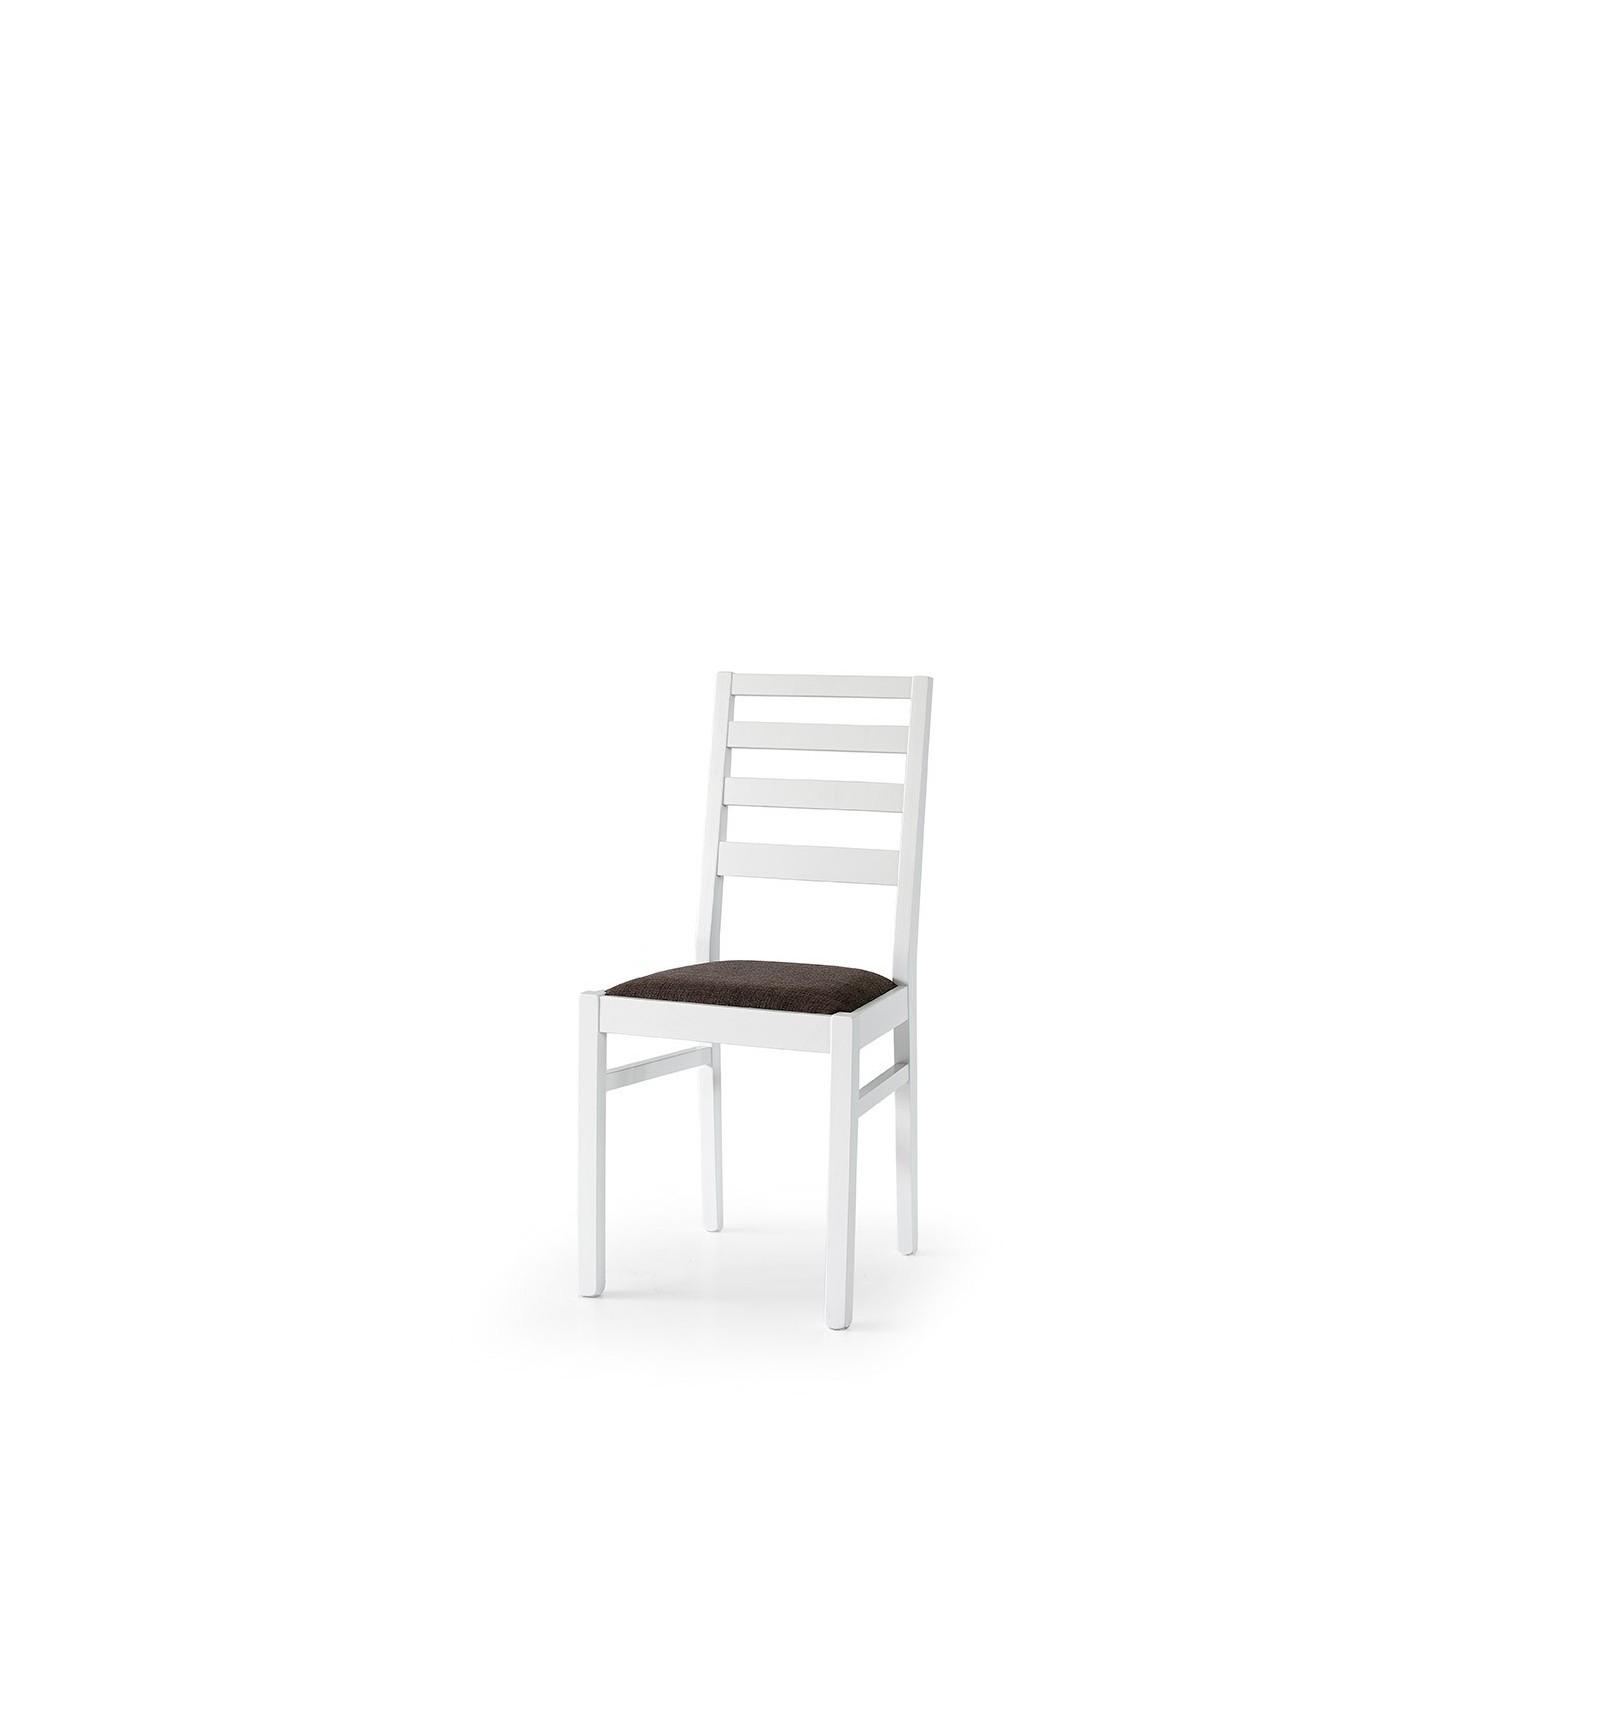 Set 2 sedie moderne in legno di faggio laccato bianco e sedile ...